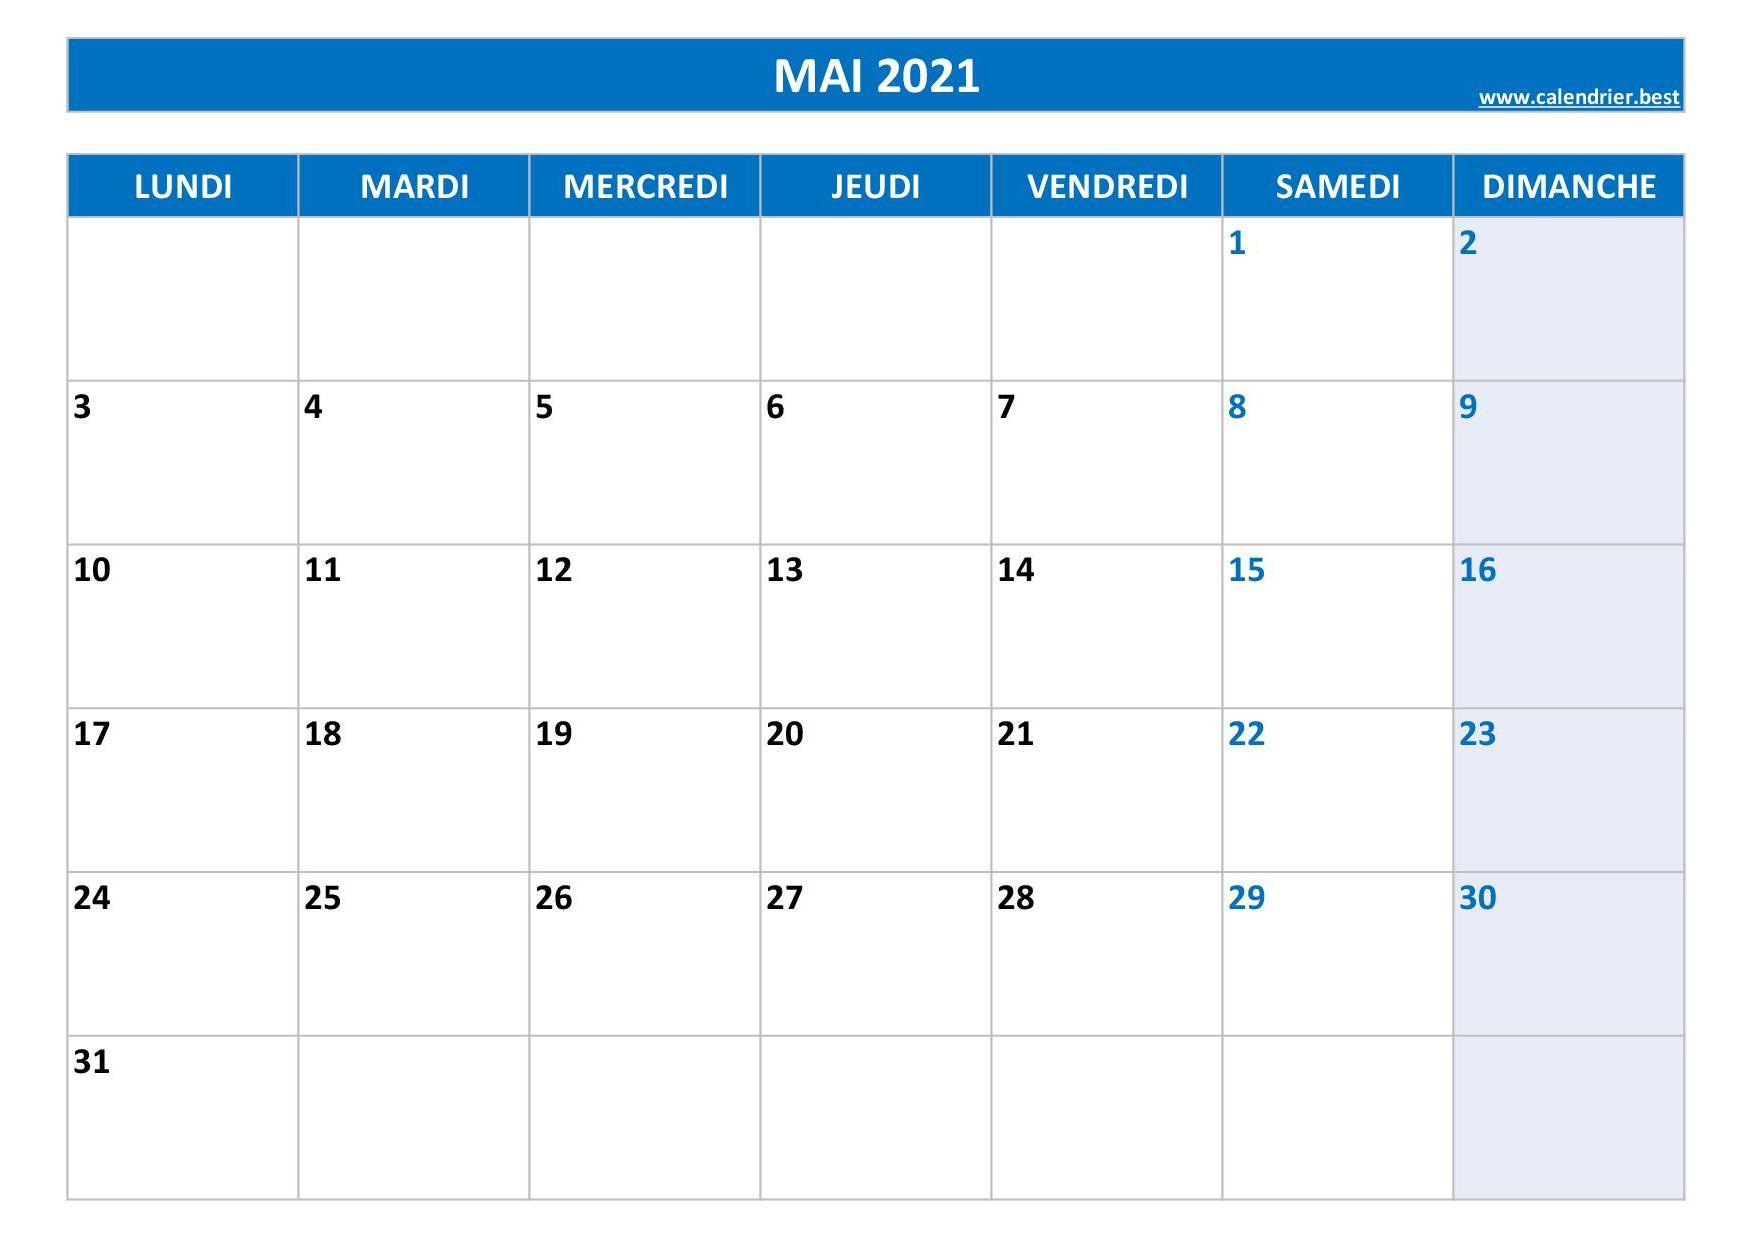 Calendrier Mai 2021 à consulter ou imprimer  Calendrier.best